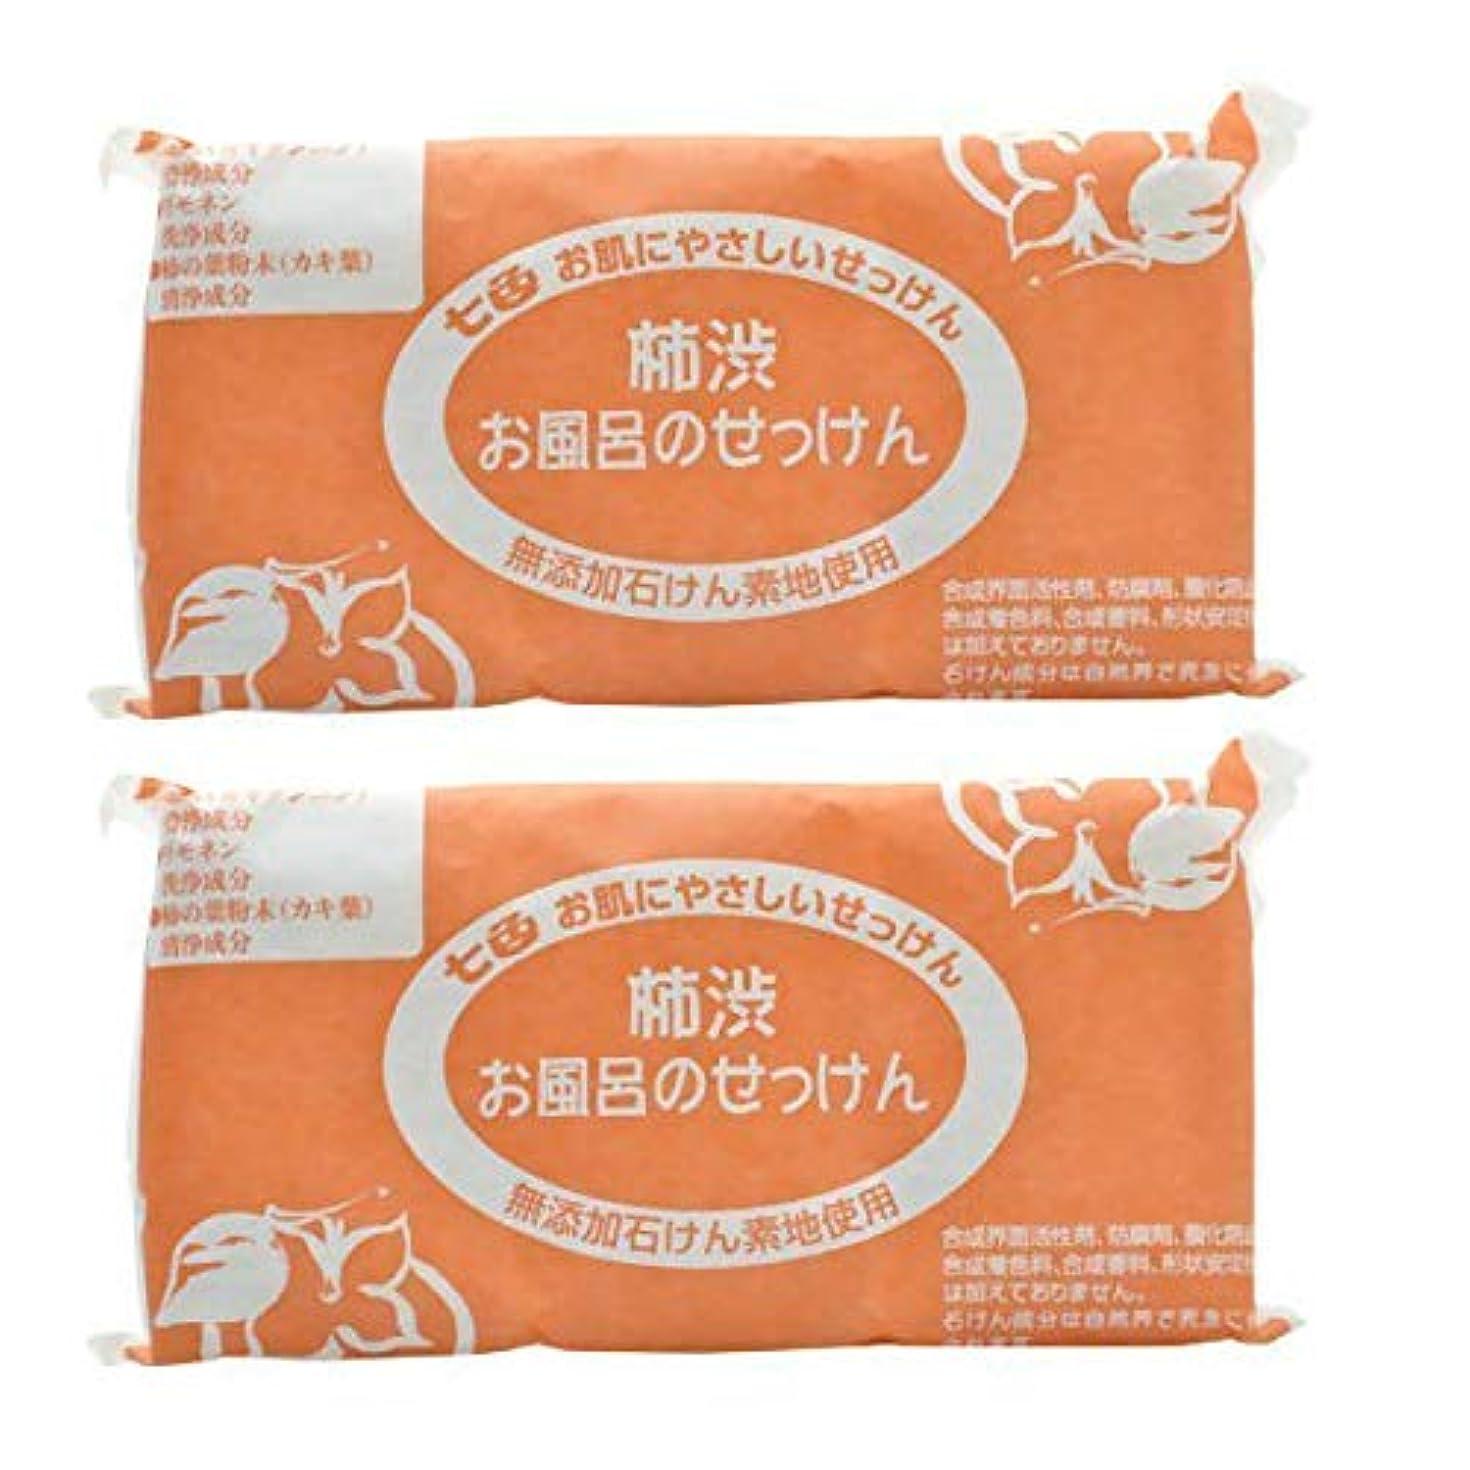 壮大幸運起訴する七色 お風呂のせっけん 柿渋(無添加石鹸) 100g×3個入×2セット